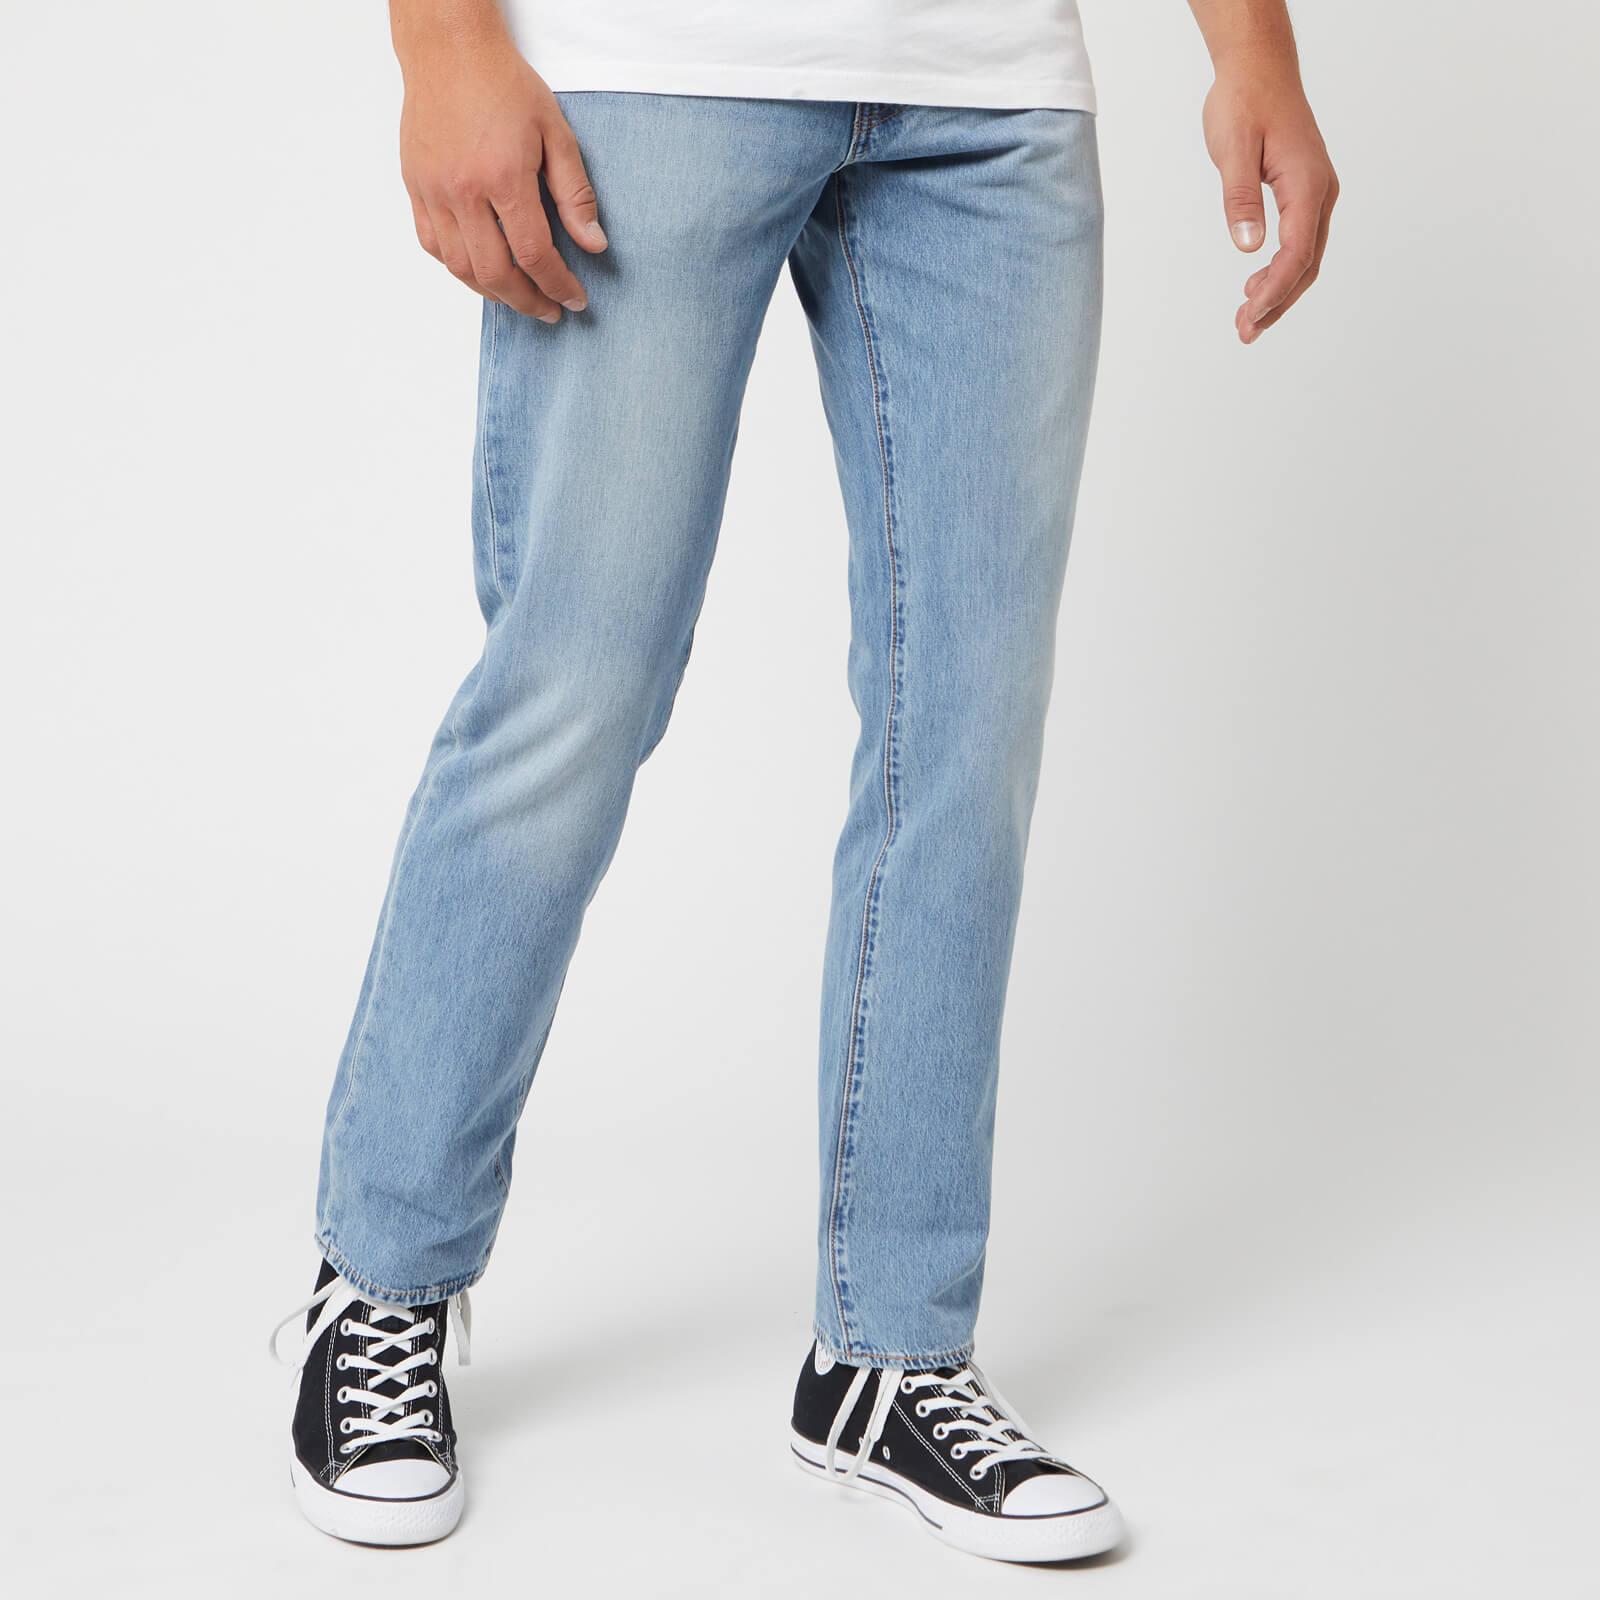 Levi's s 511 Slim Fit Jeans - Nurse Warp Cool - W38/L32